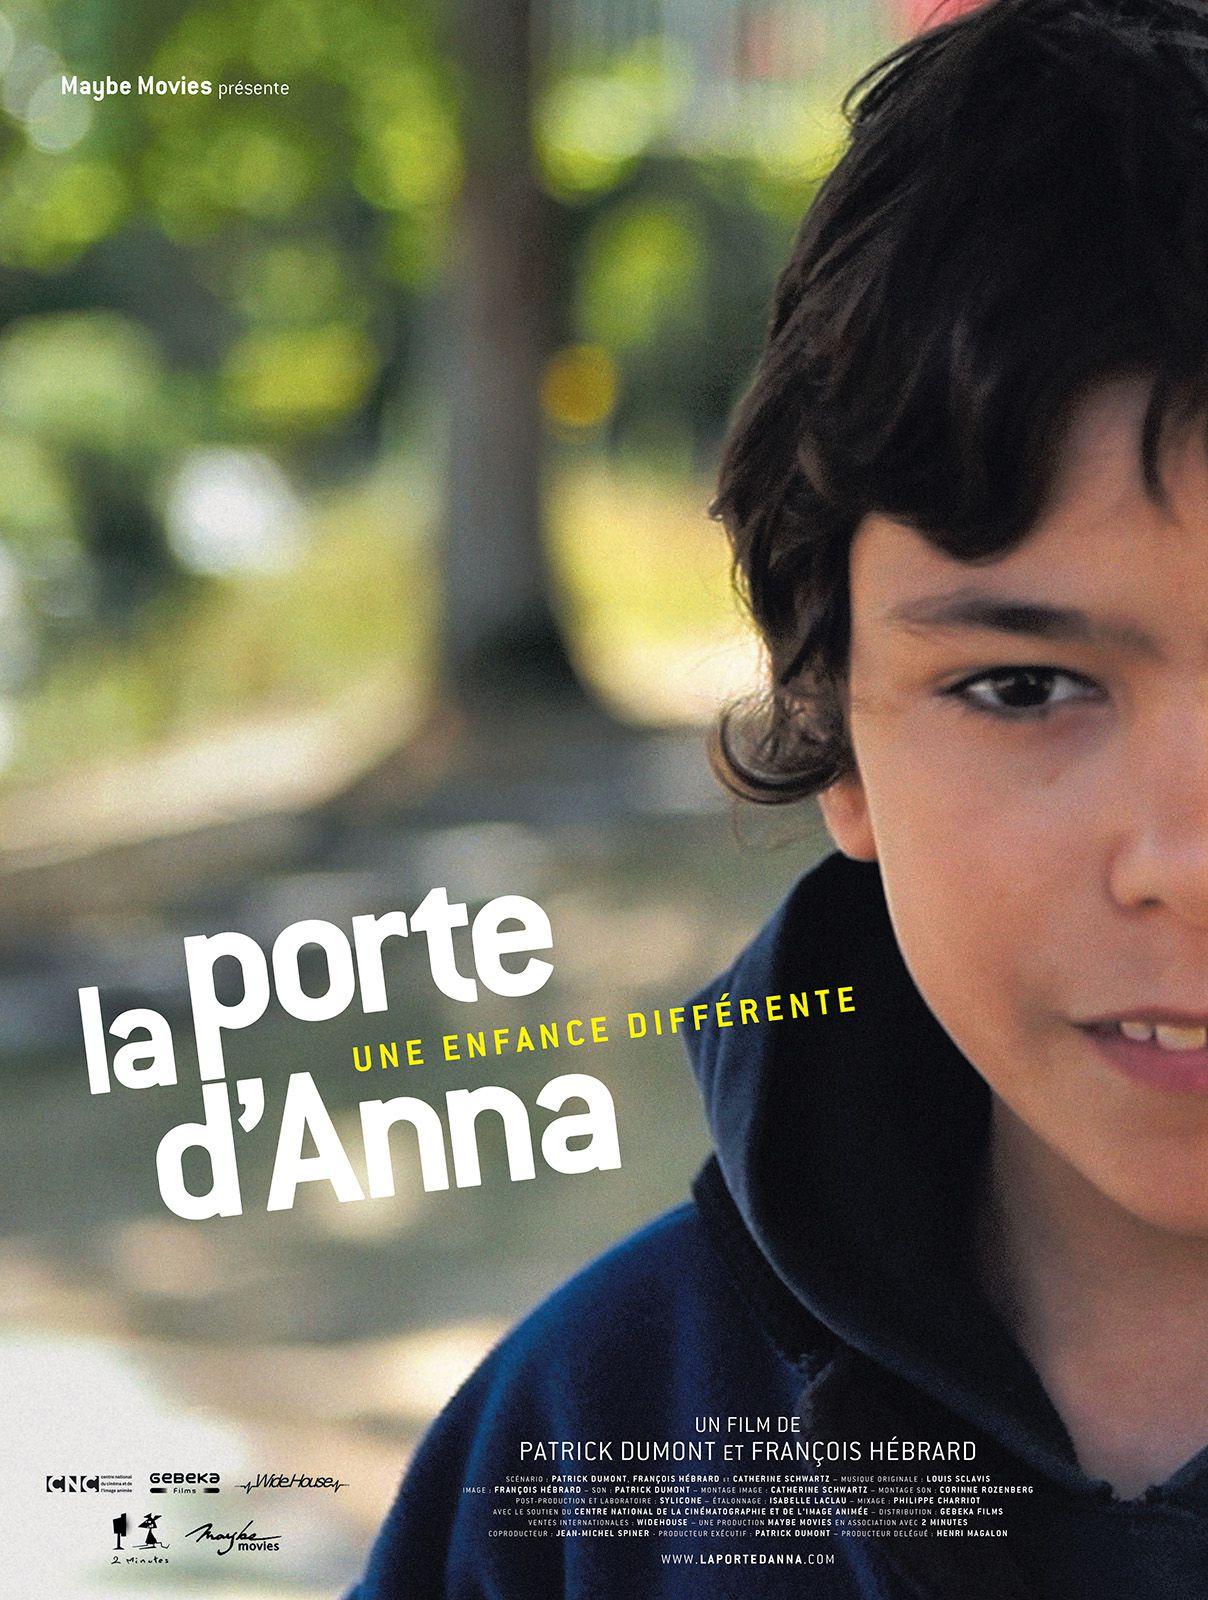 La porte d'Anna - Documentaire (2015)